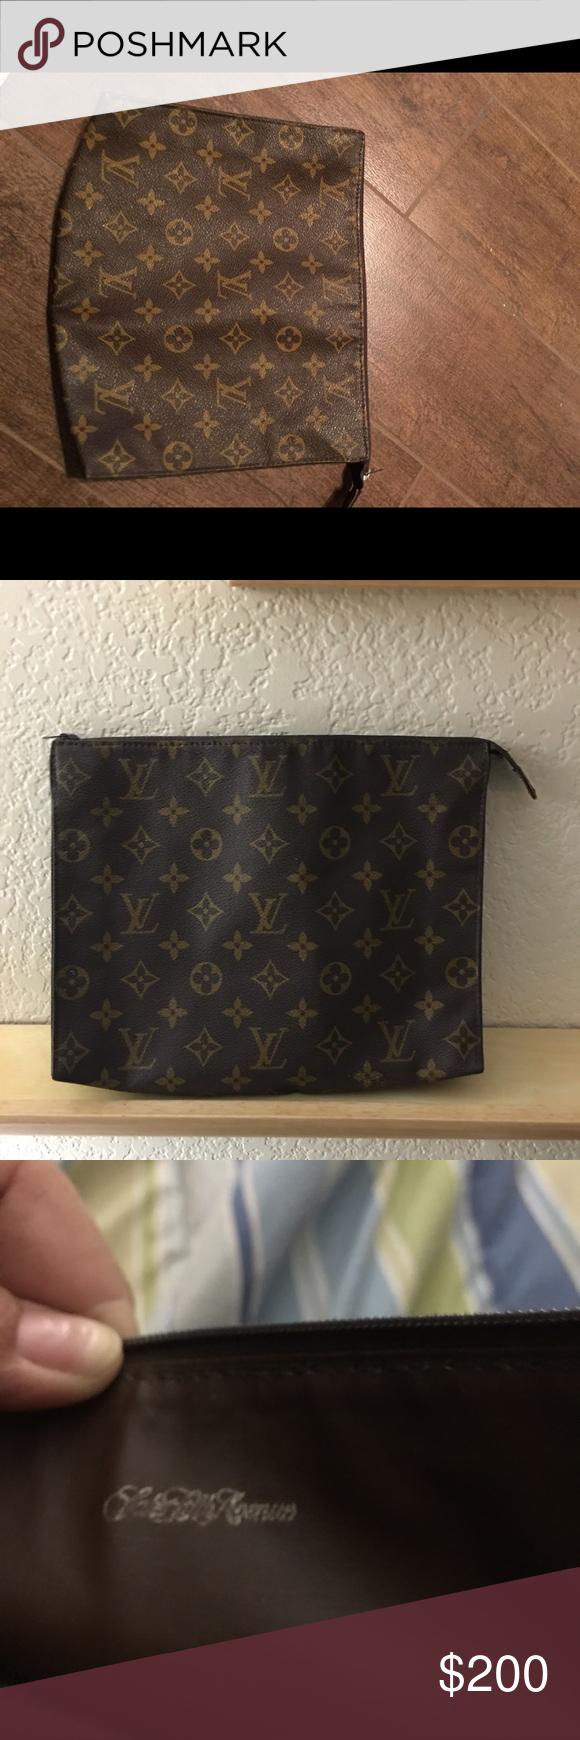 641841068cb Louis Vuitton Cosmetic bag by sax fifth Avenue Vintage Louis Vuitton ...